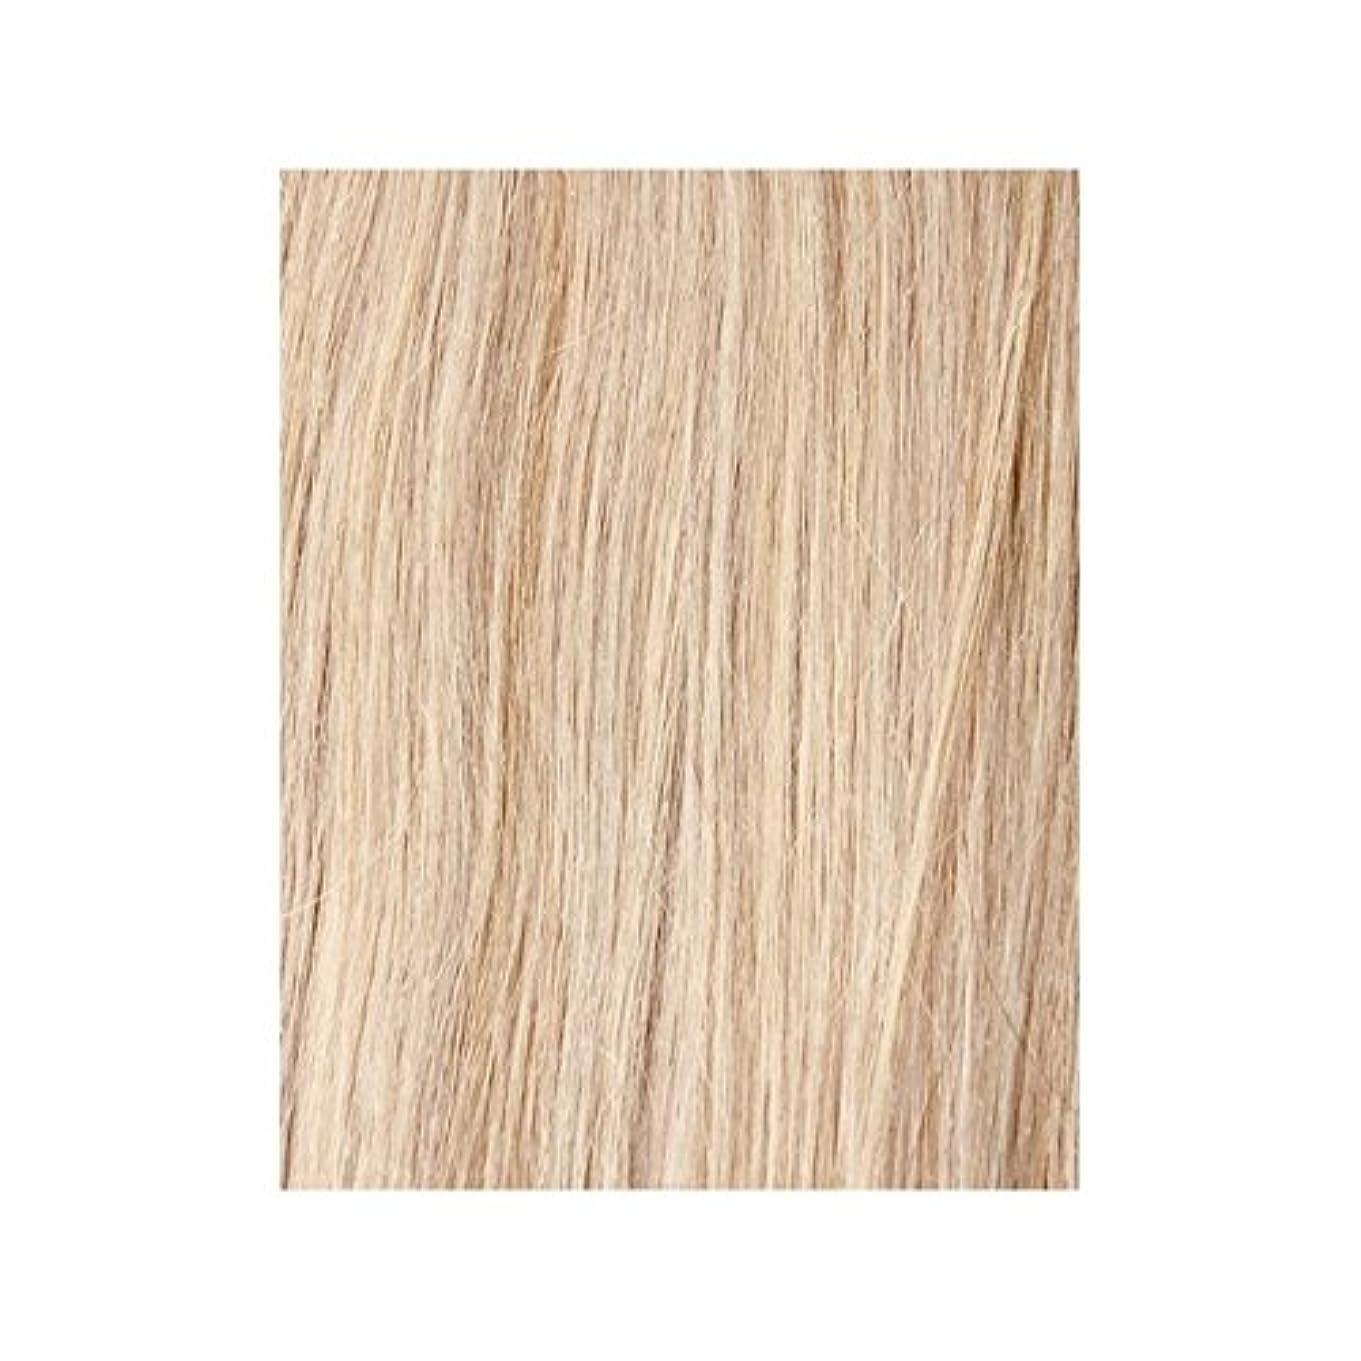 シティイデオロギー中絶ヴィンテージブロンド60 - 美しさは、100%レミーの色見本ヘアエクステンションの作品 x2 - Beauty Works 100% Remy Colour Swatch Hair Extension - Vintage Blonde 60 (Pack of 2) [並行輸入品]